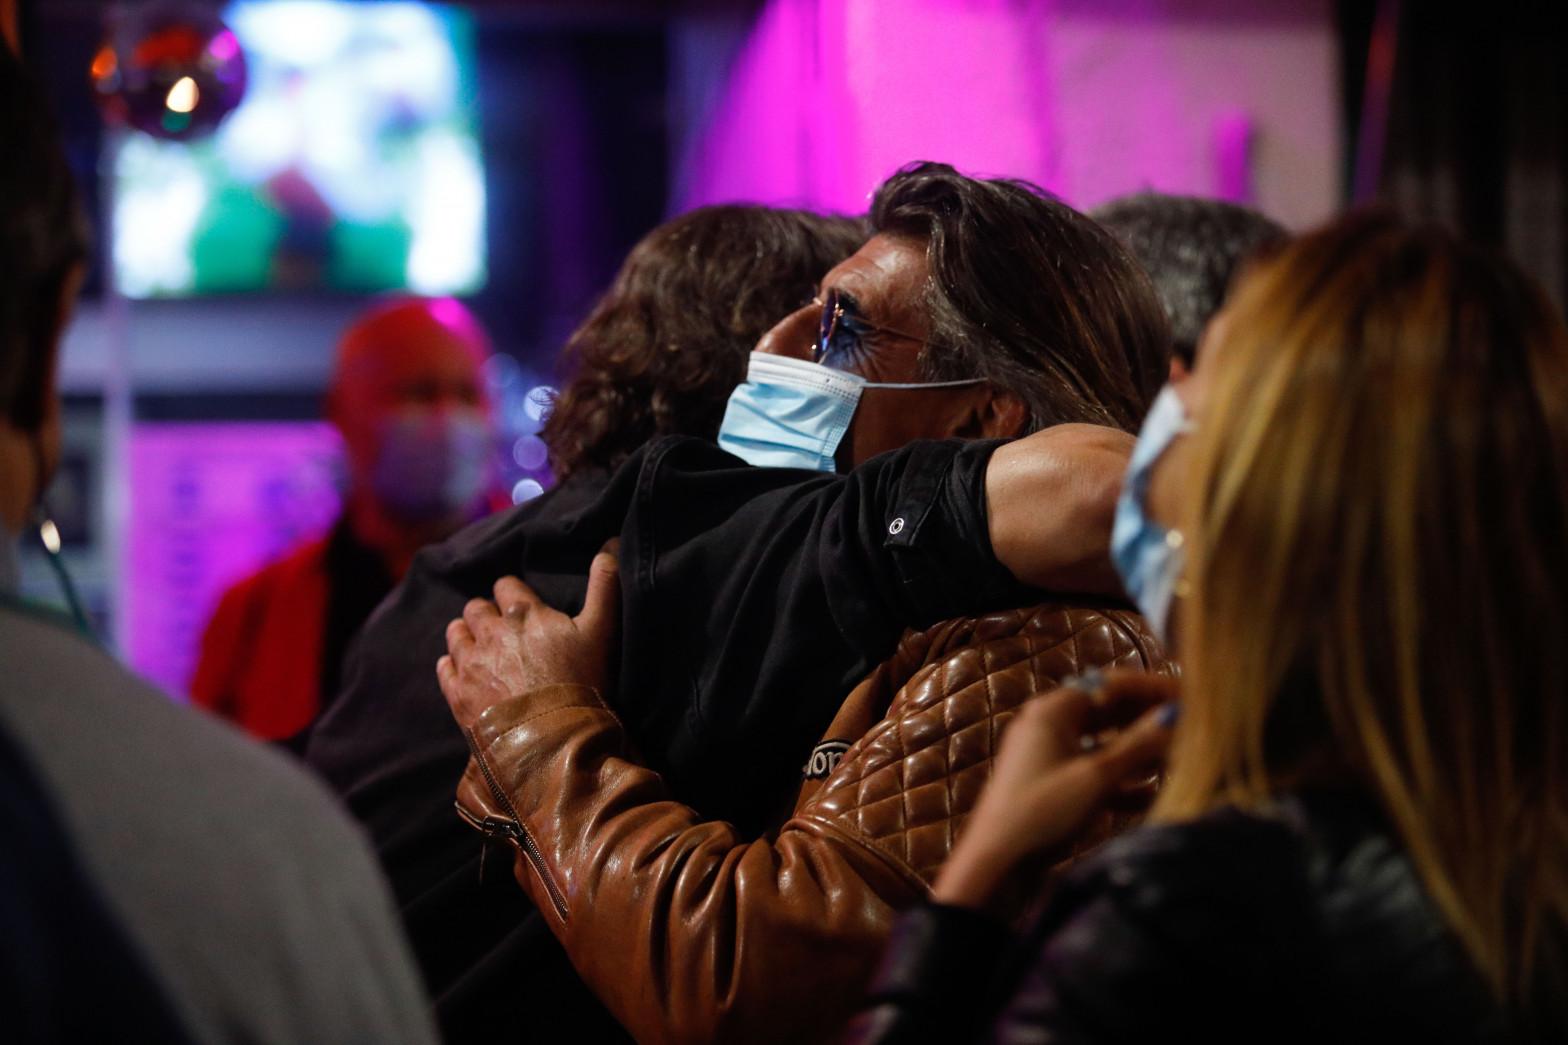 Cataluña propone reabrir el ocio nocturno a partir del 21 de junio